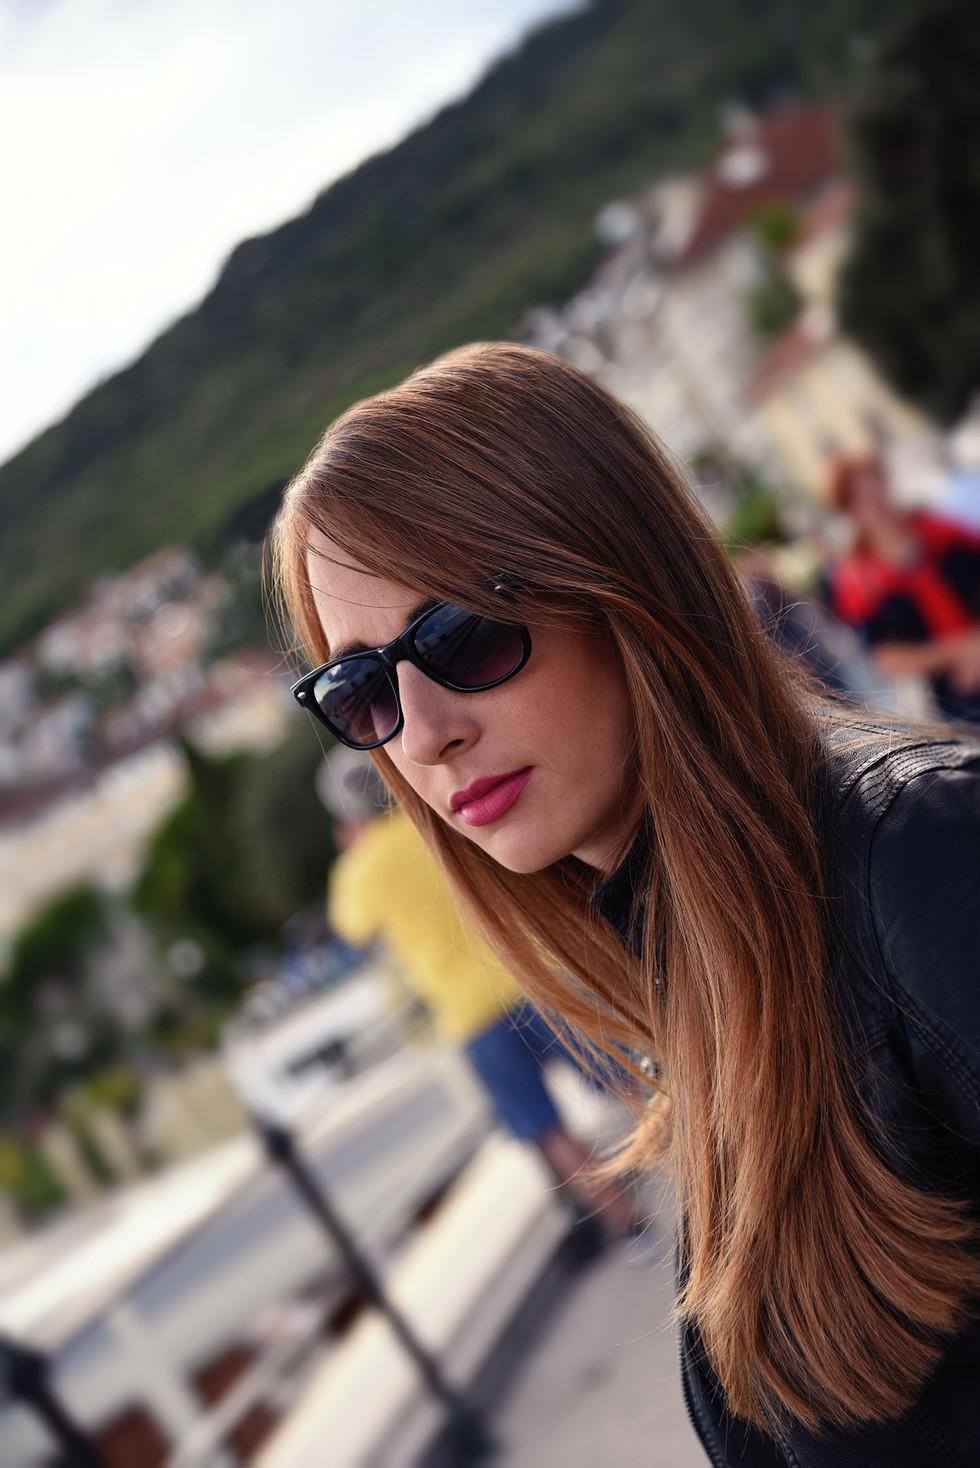 Hübsches Portrait einer Frau mit Sonnenbrille